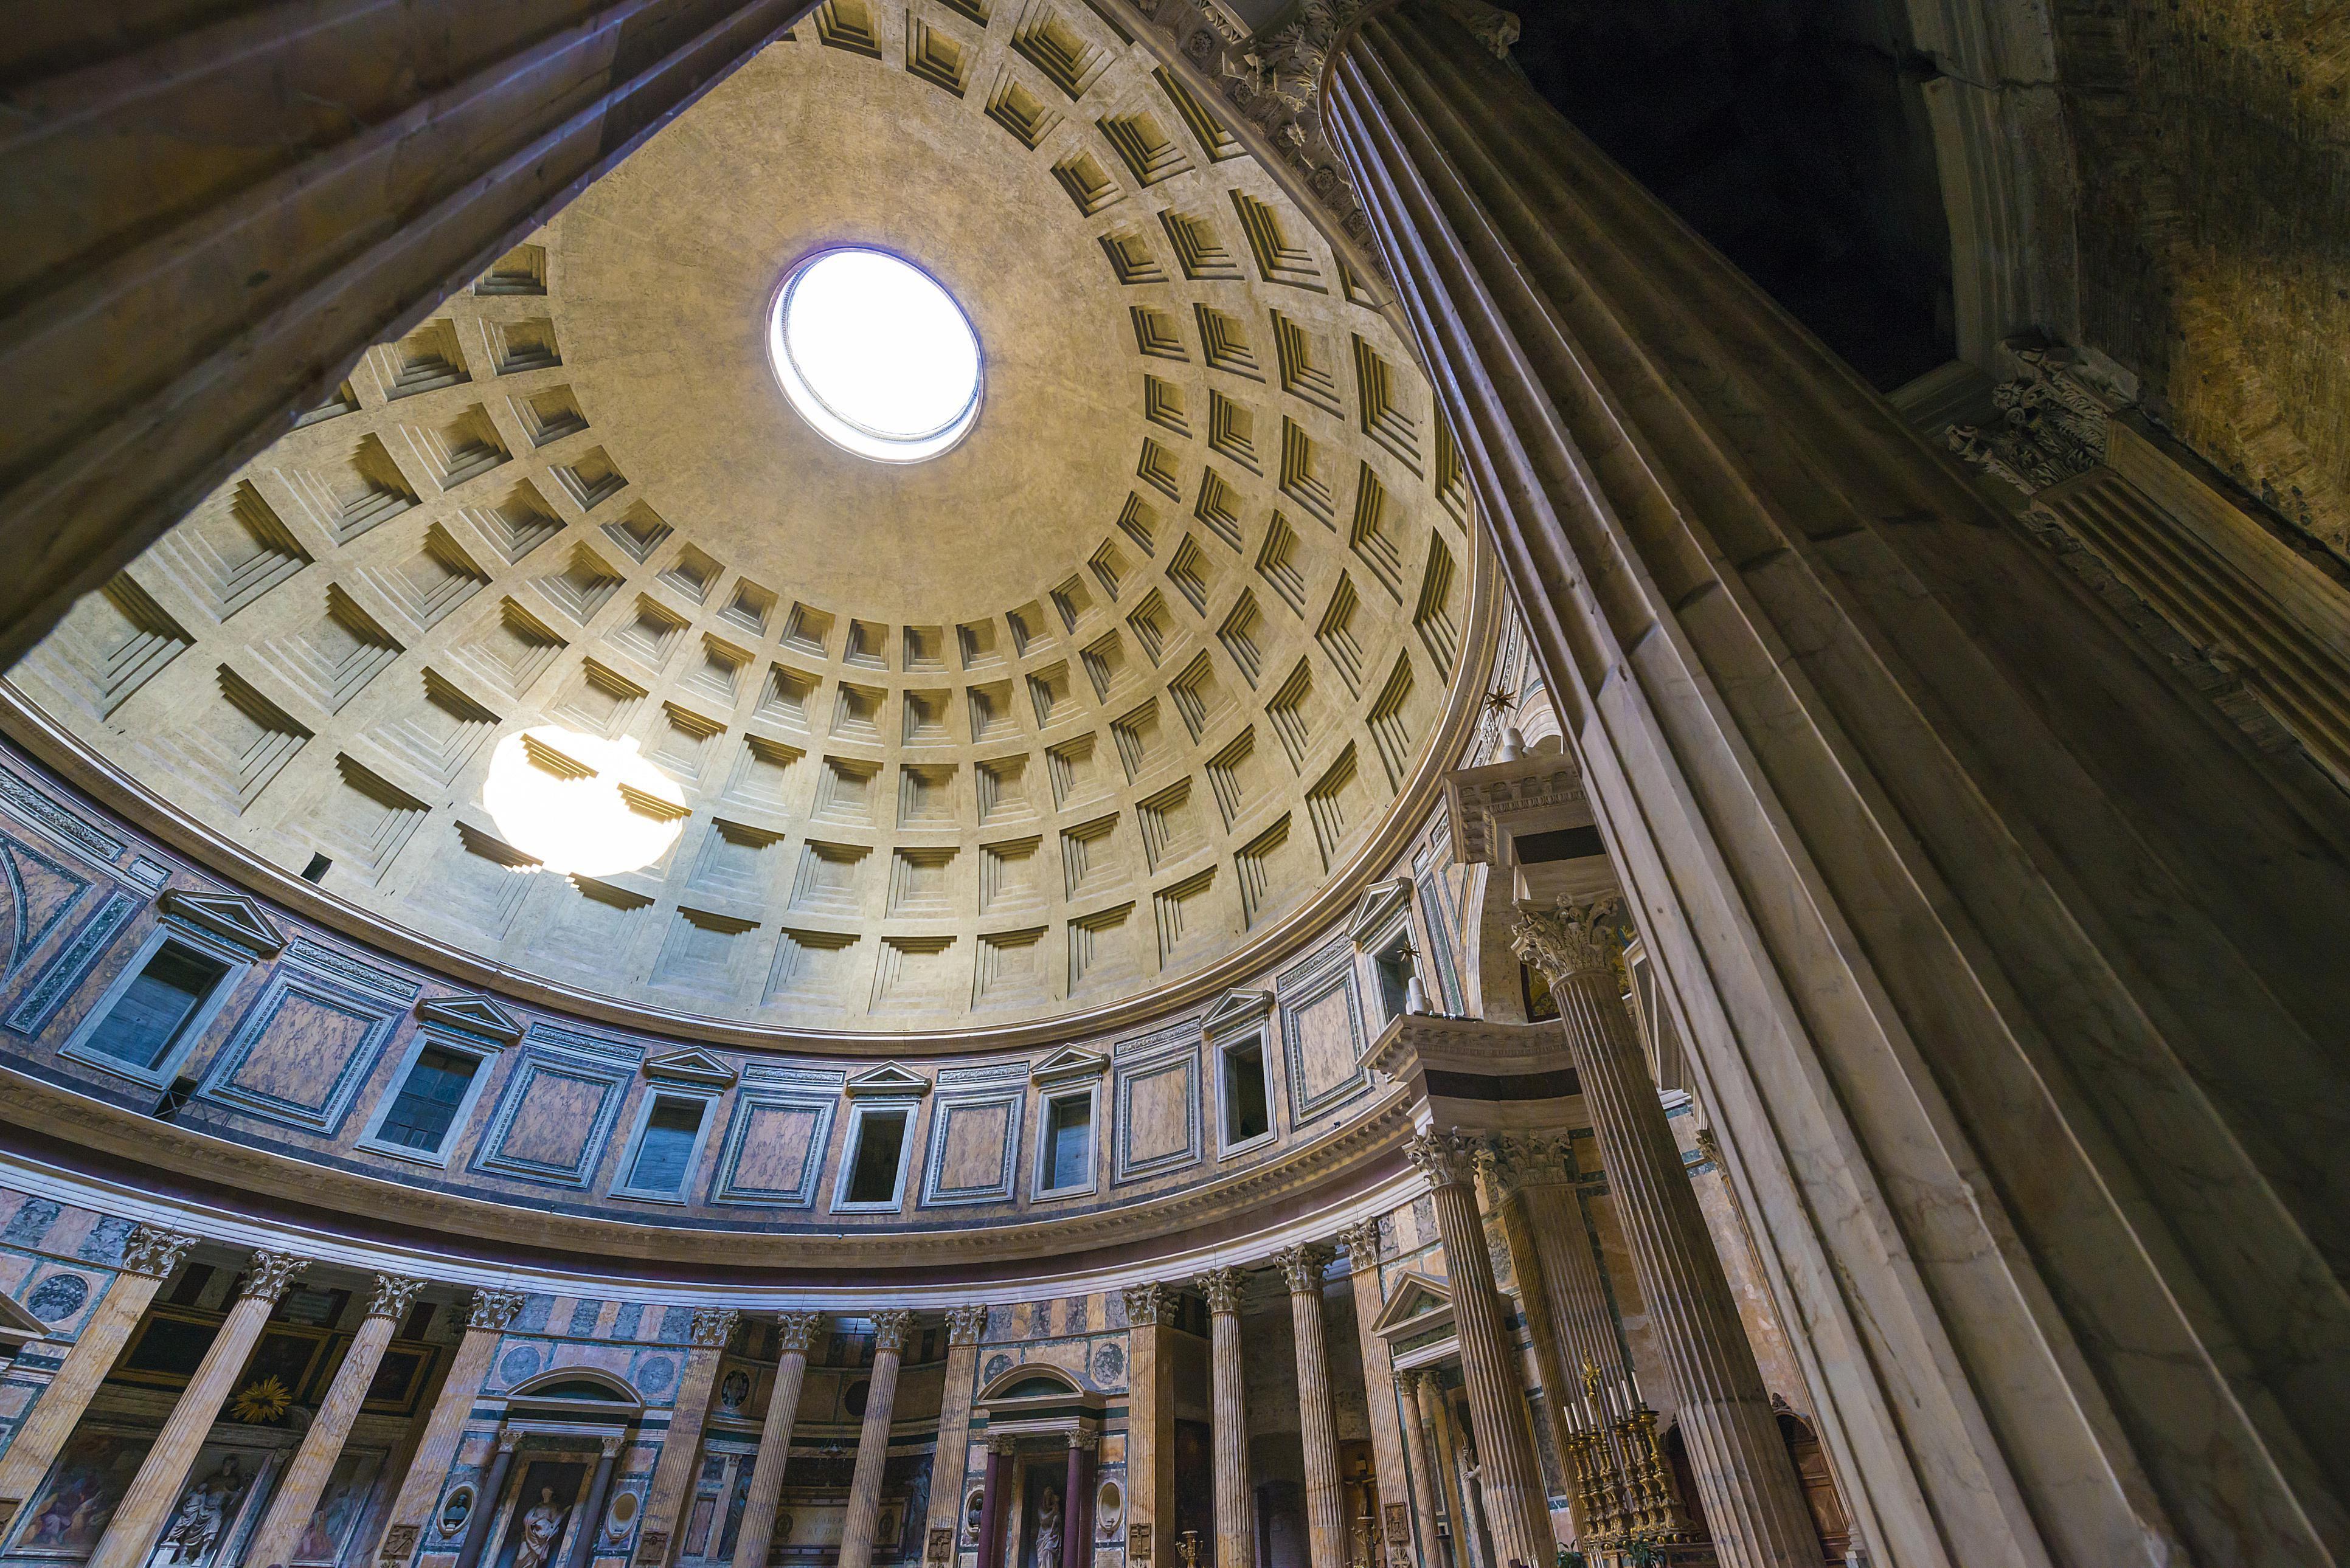 Roman Dome Architecture